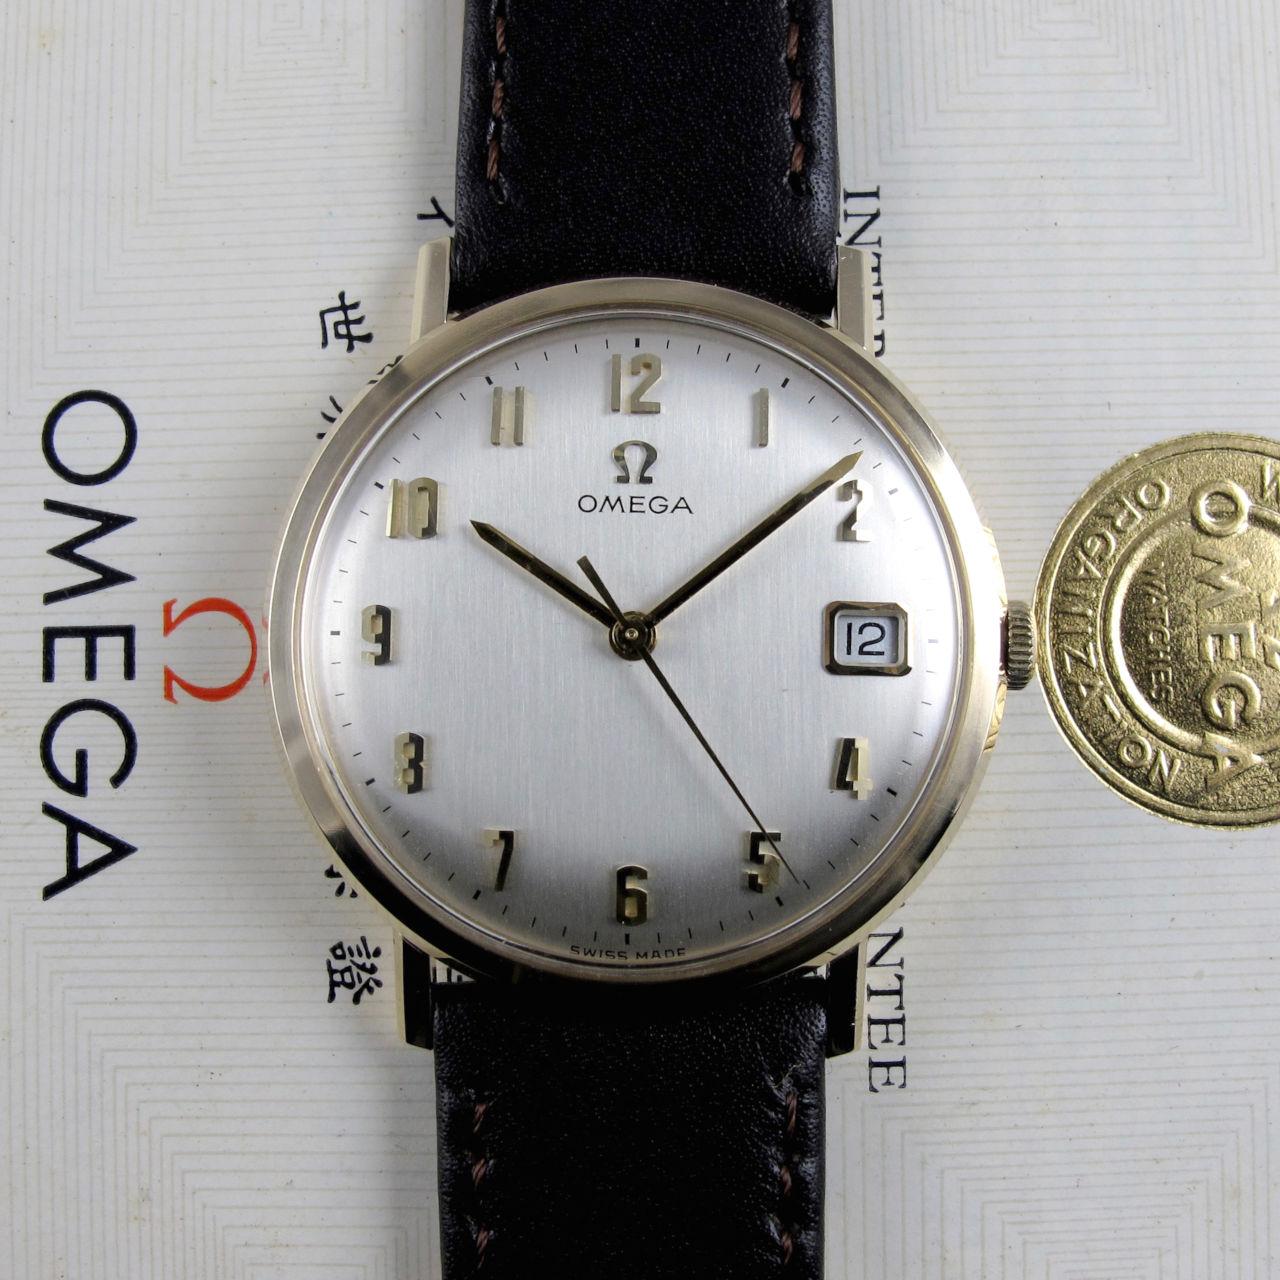 Omega Ref. 131.25016 gold vintage wristwatch, hallmarked 1967